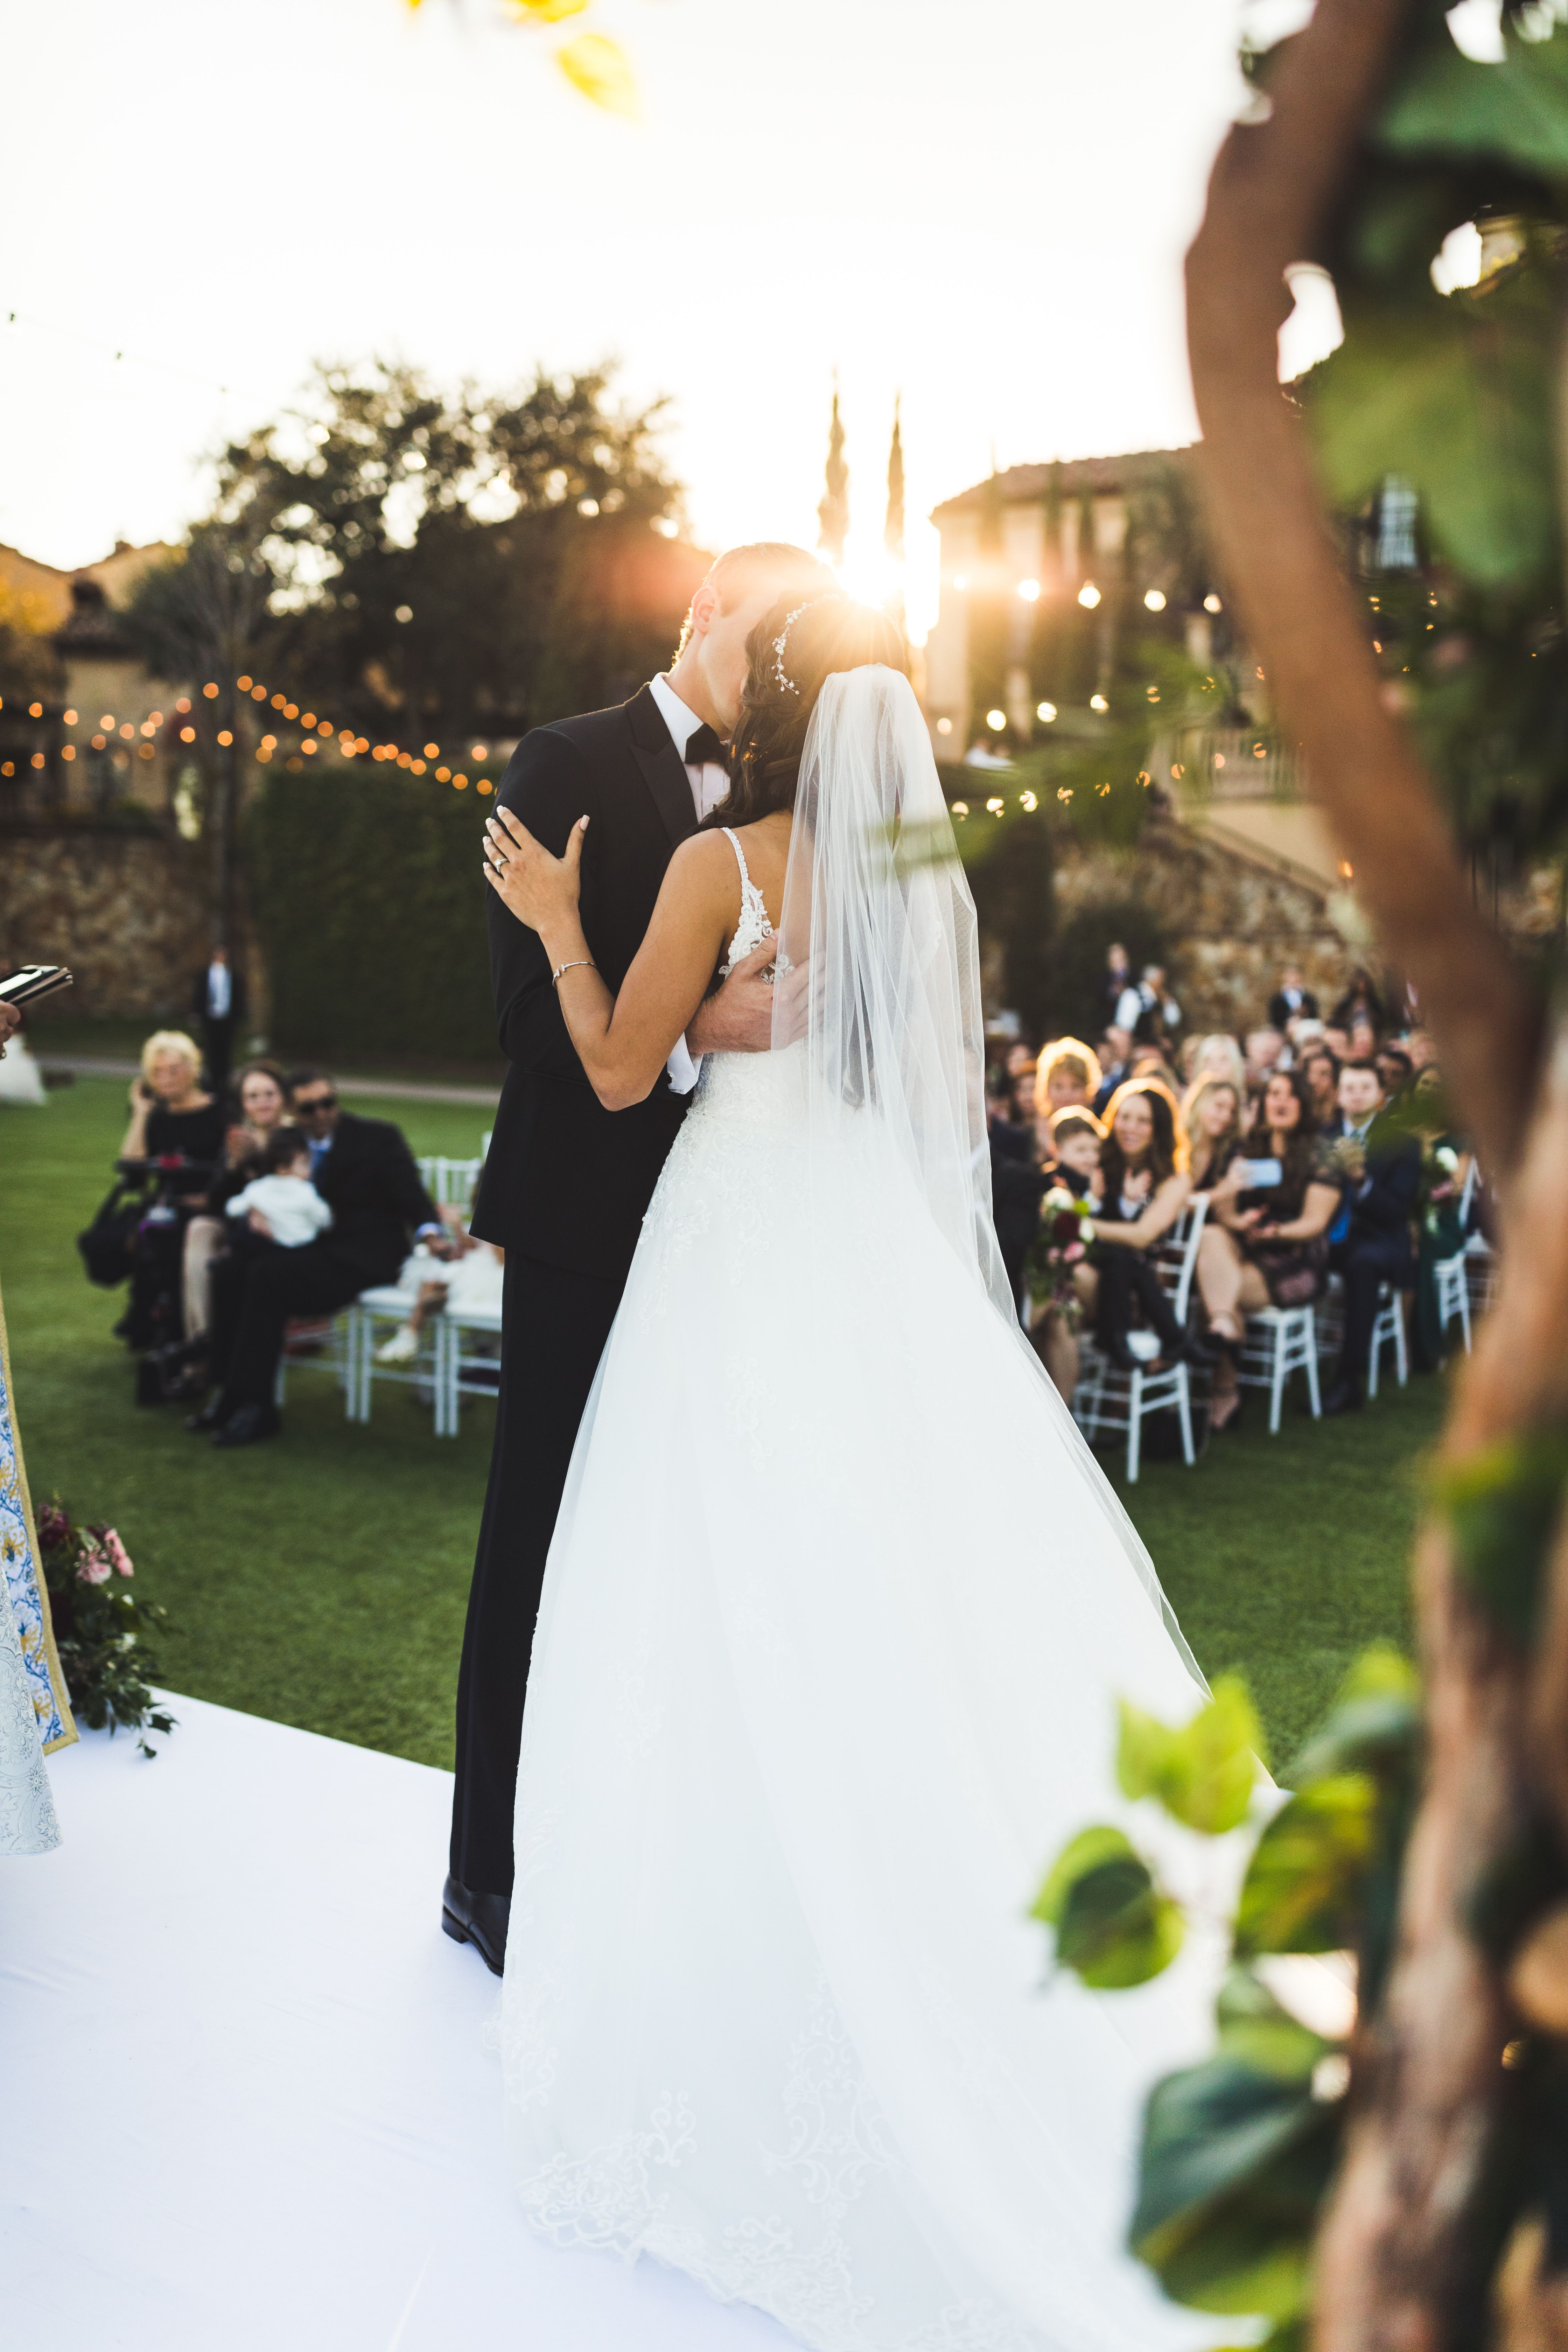 Beautiful Bride And Groom Floral Ceremony In 2020 Orlando Wedding Venues Tuscan Wedding Florida Wedding Venues